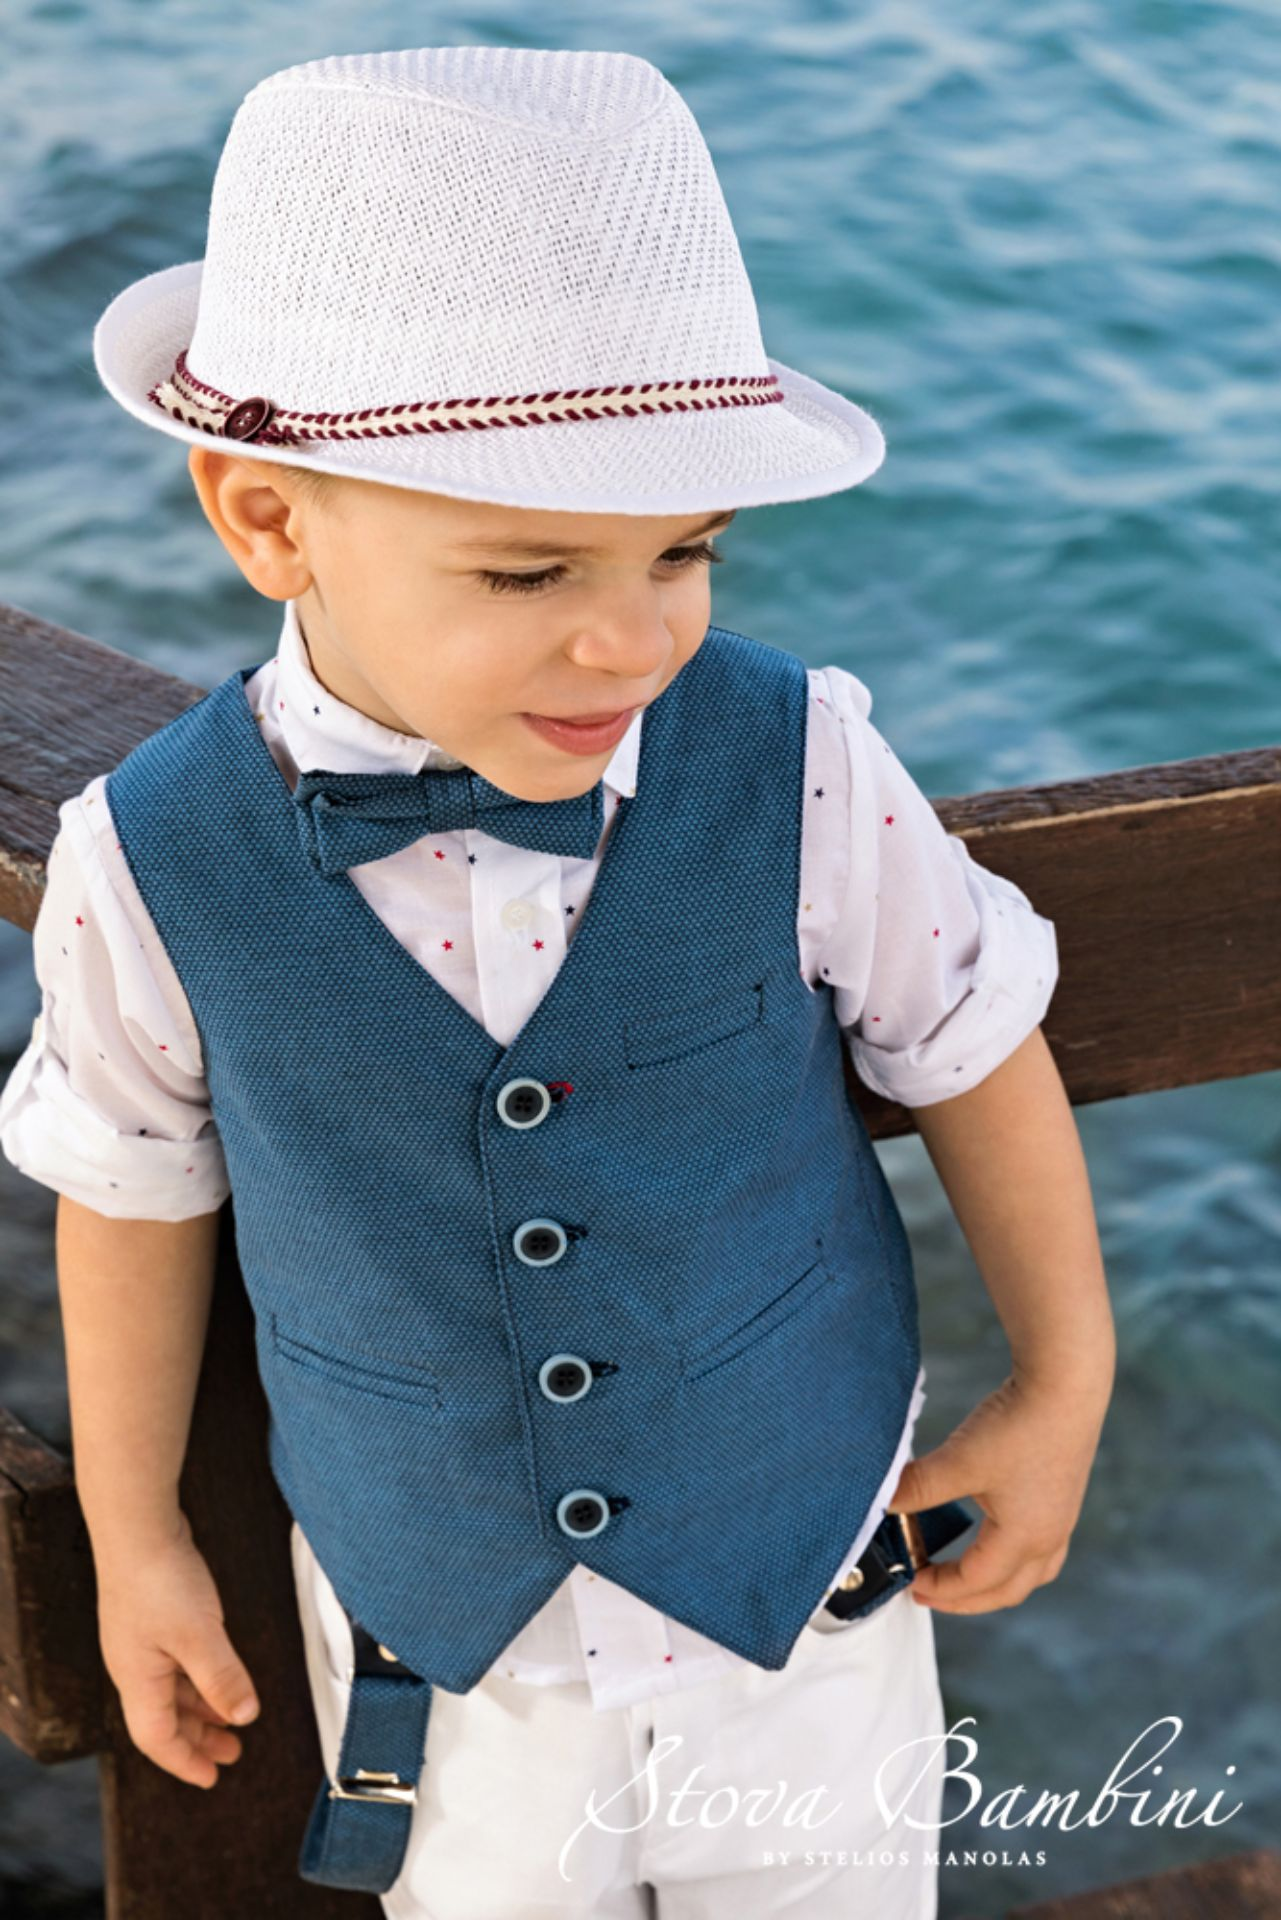 Βαπτιστικά ρούχα για αγόρι Collection 2020